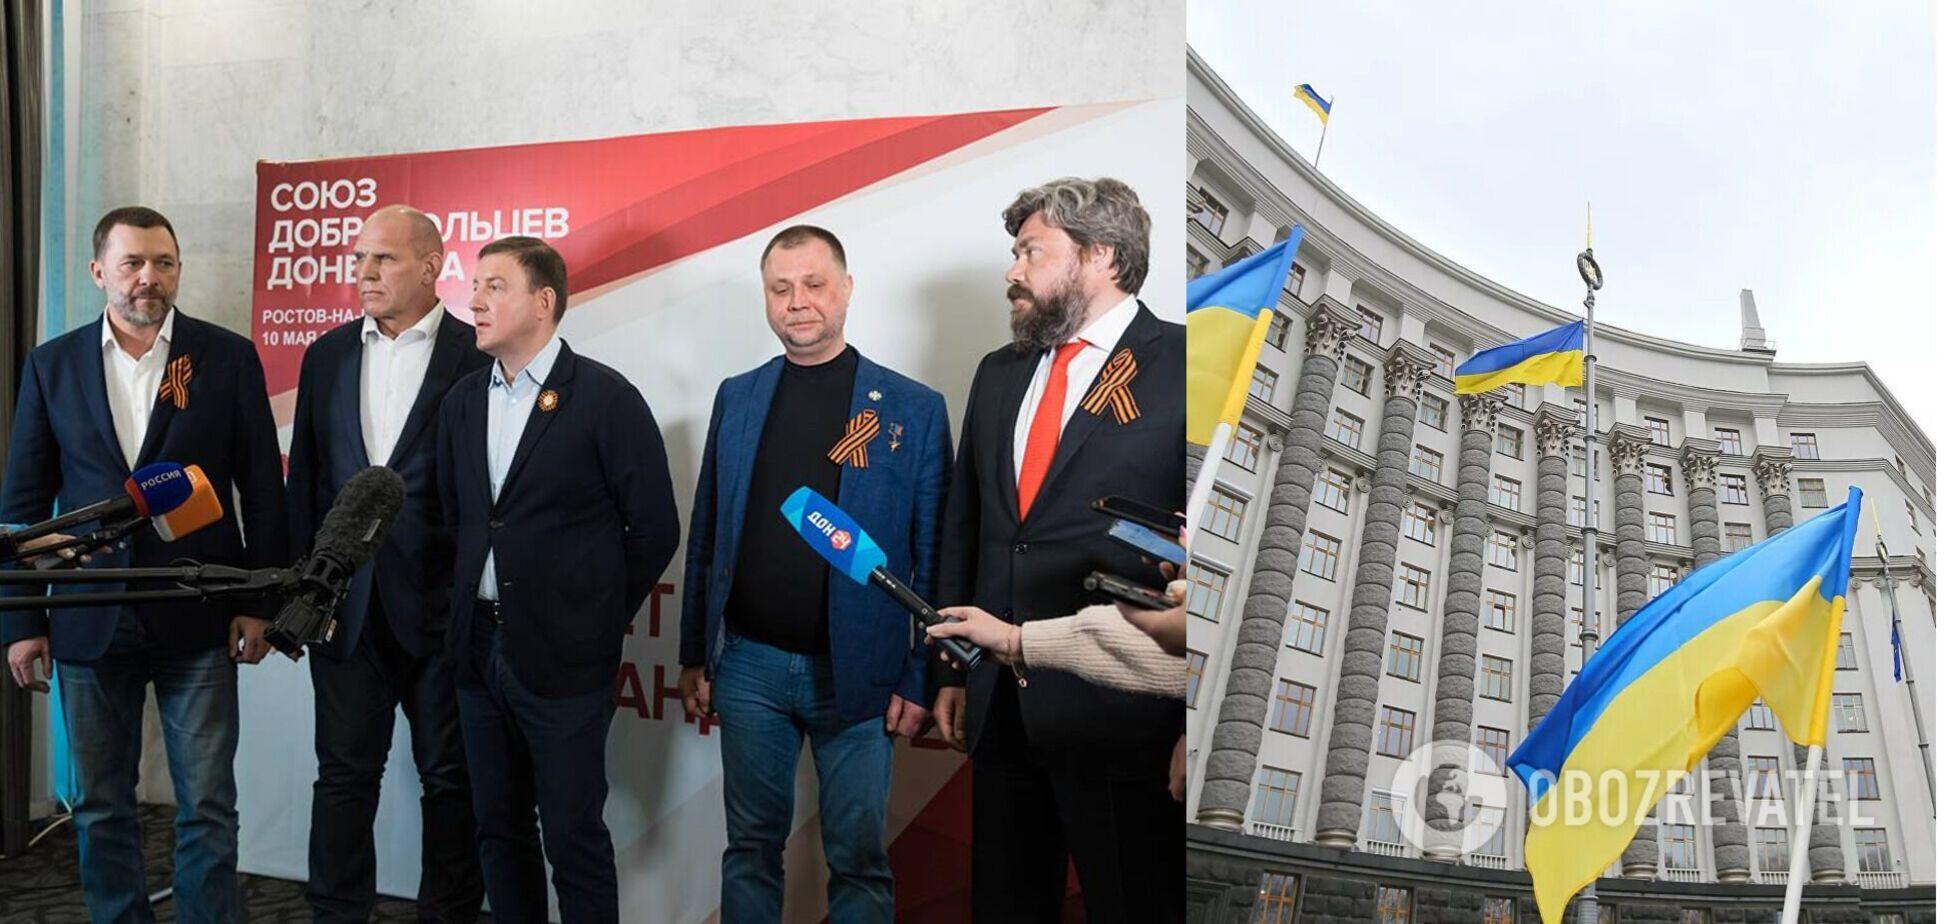 У МЗС відреагували на візит депутатів 'Единой России' на Донбас